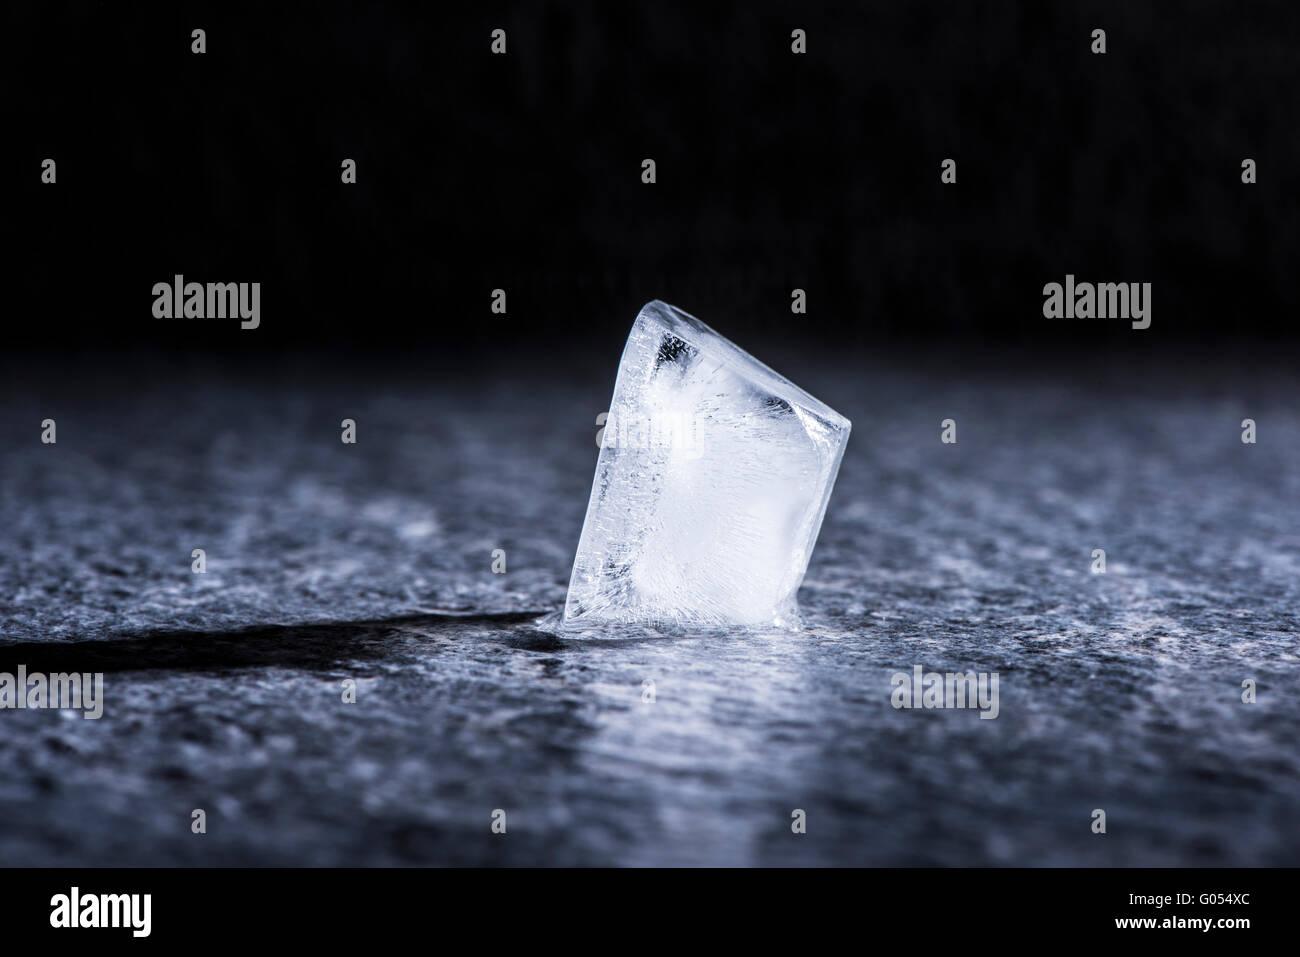 Cubo de hielo en fusión de cerca. Concepto de temperatura fría, agua y cambio. Imagen De Stock